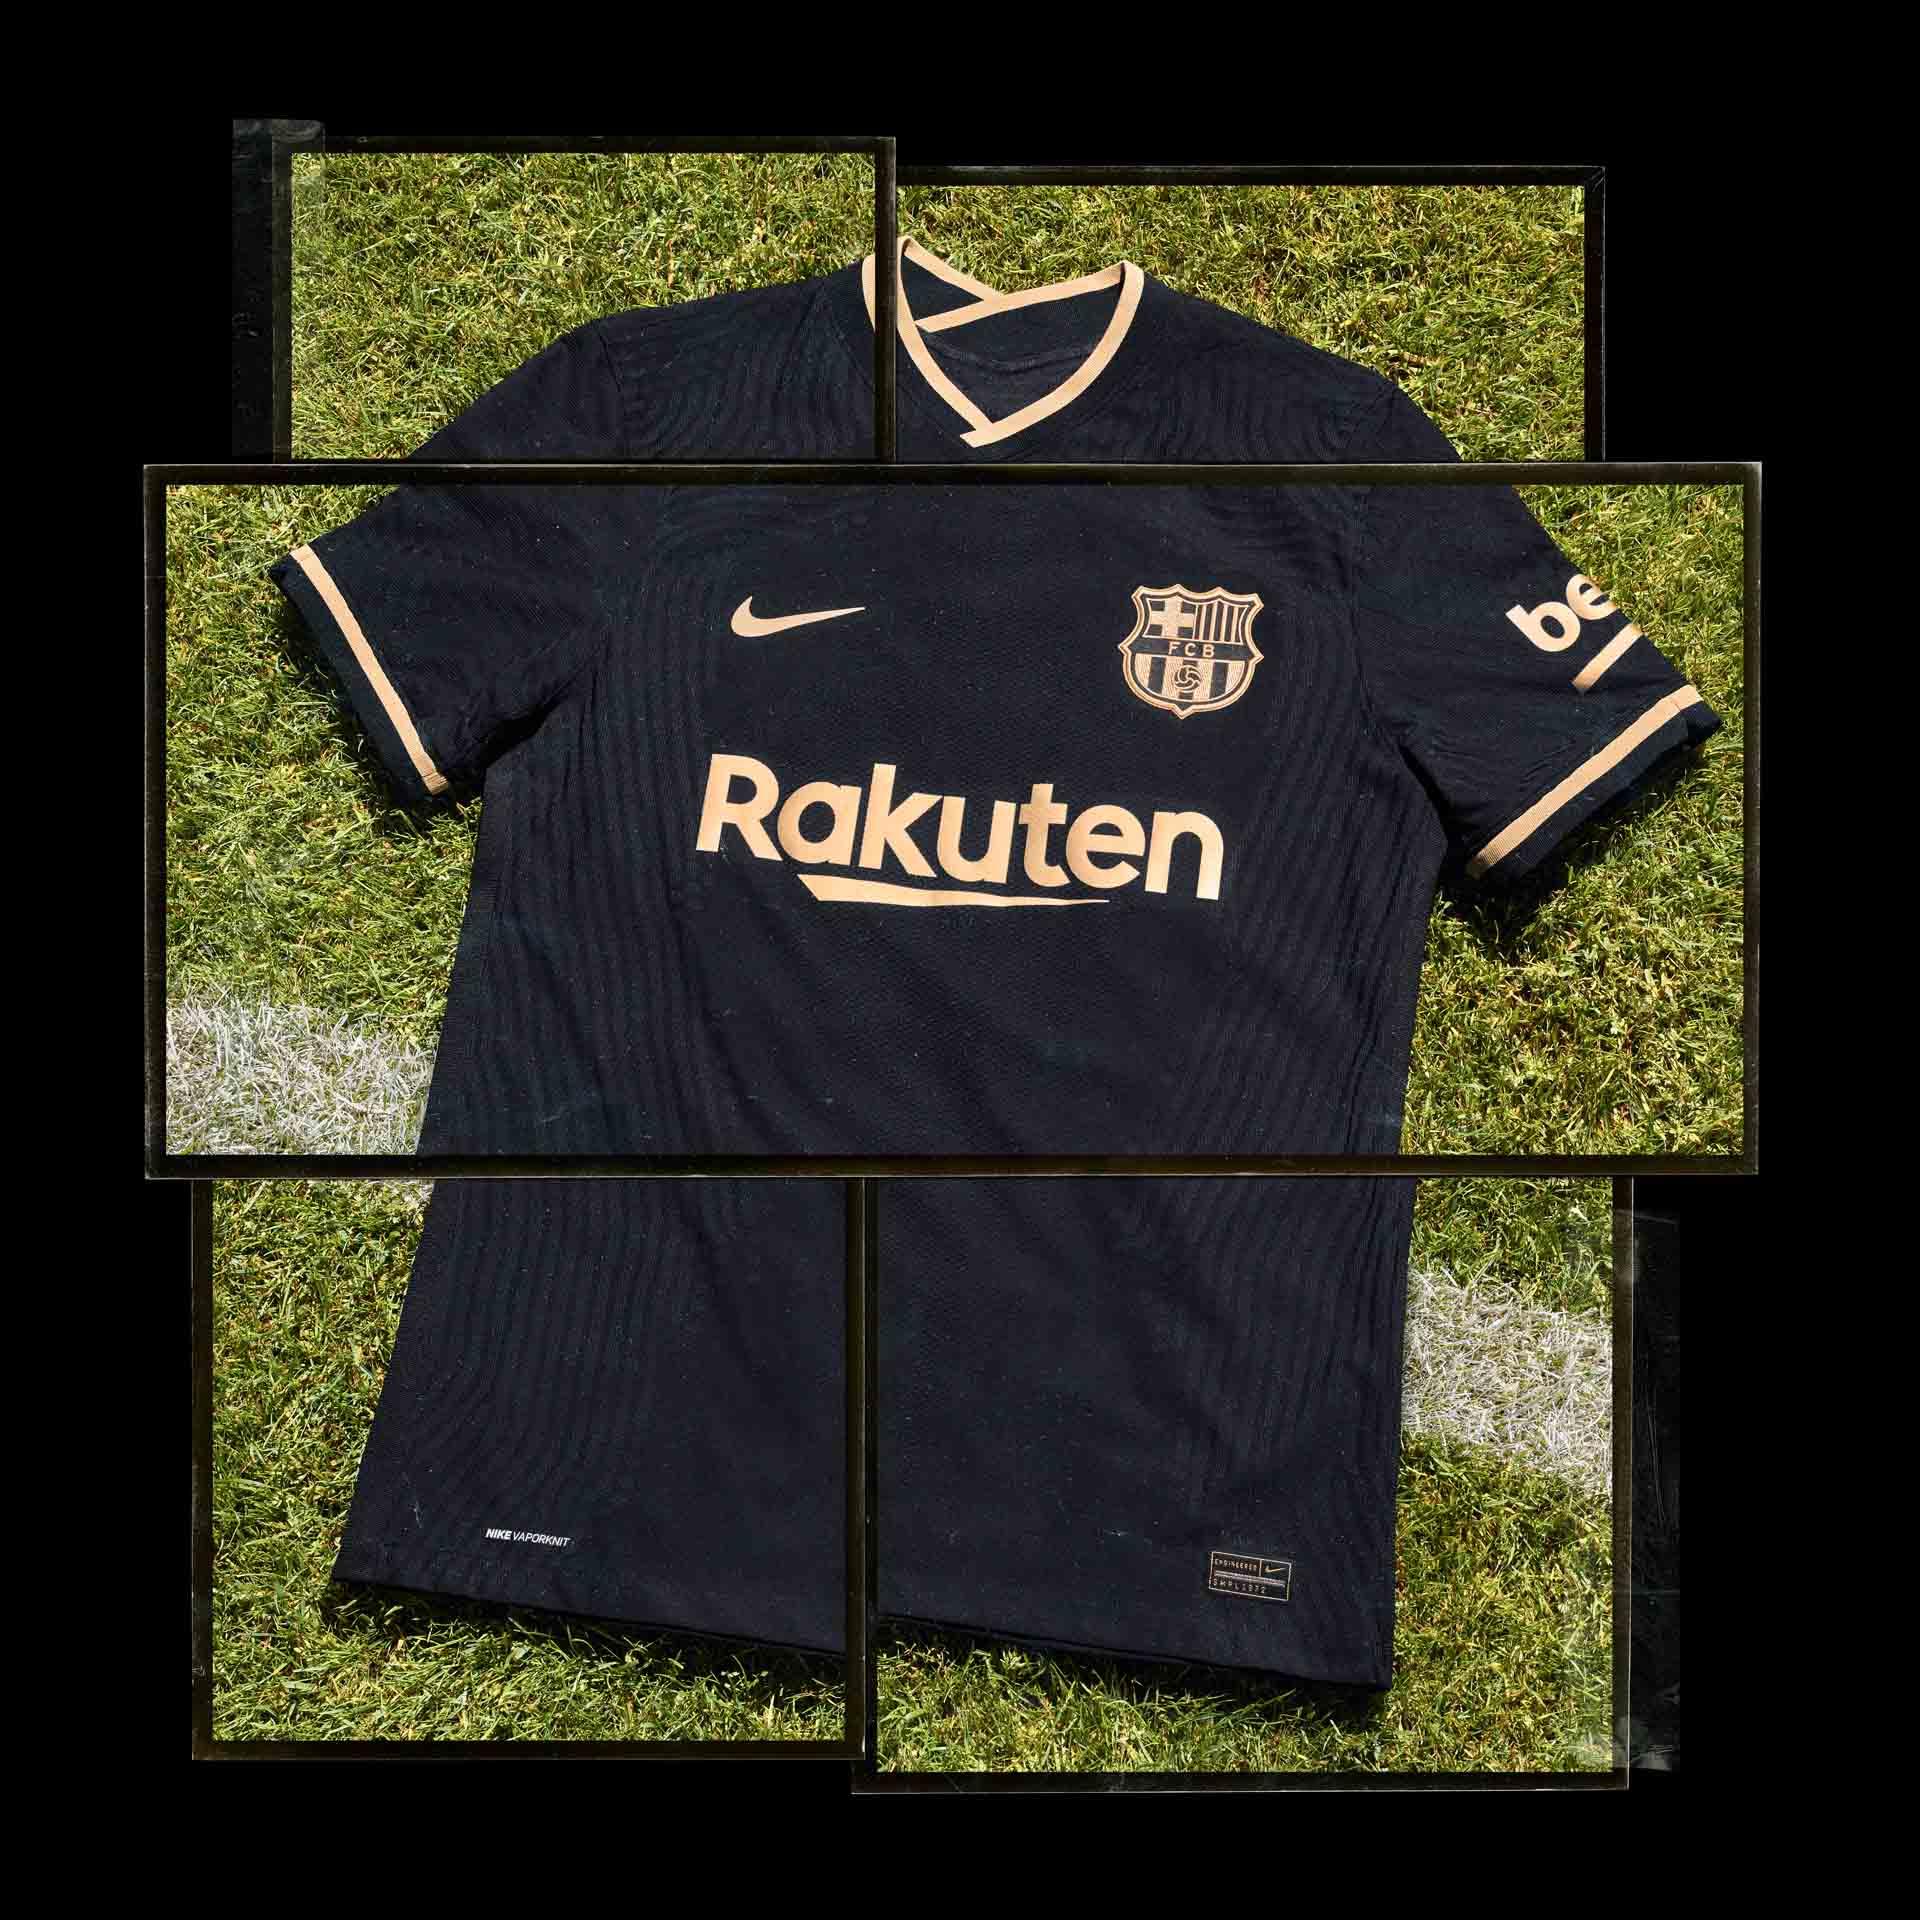 nike launch barcelona 20 21 away shirt soccerbible nike launch barcelona 20 21 away shirt